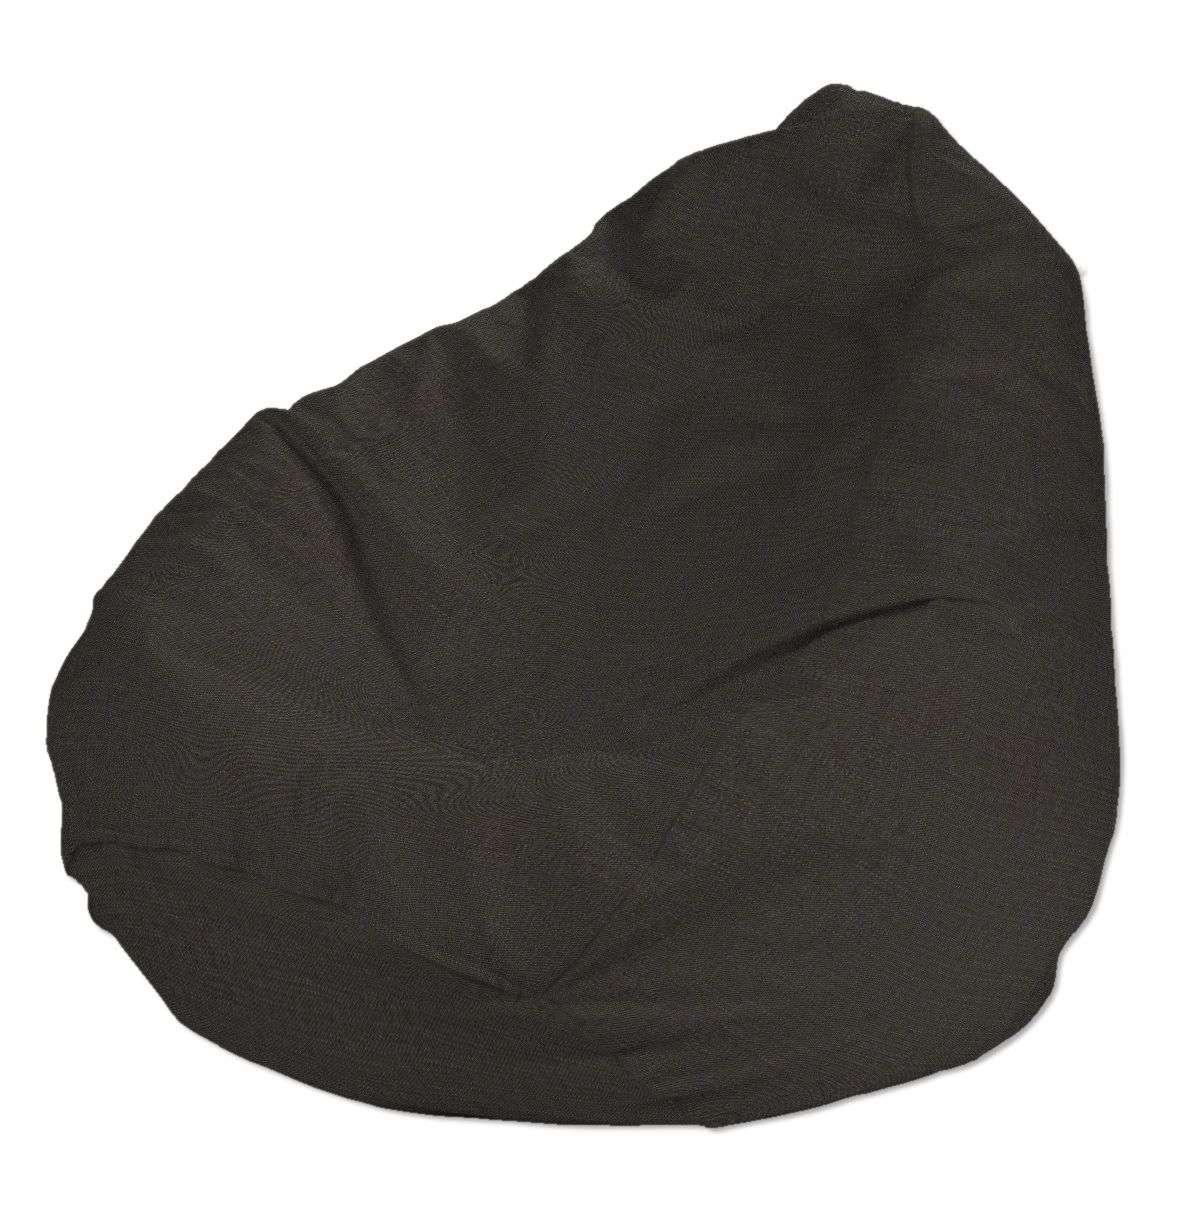 Pokrowiec na worek do siedzenia w kolekcji Etna, tkanina: 702-36